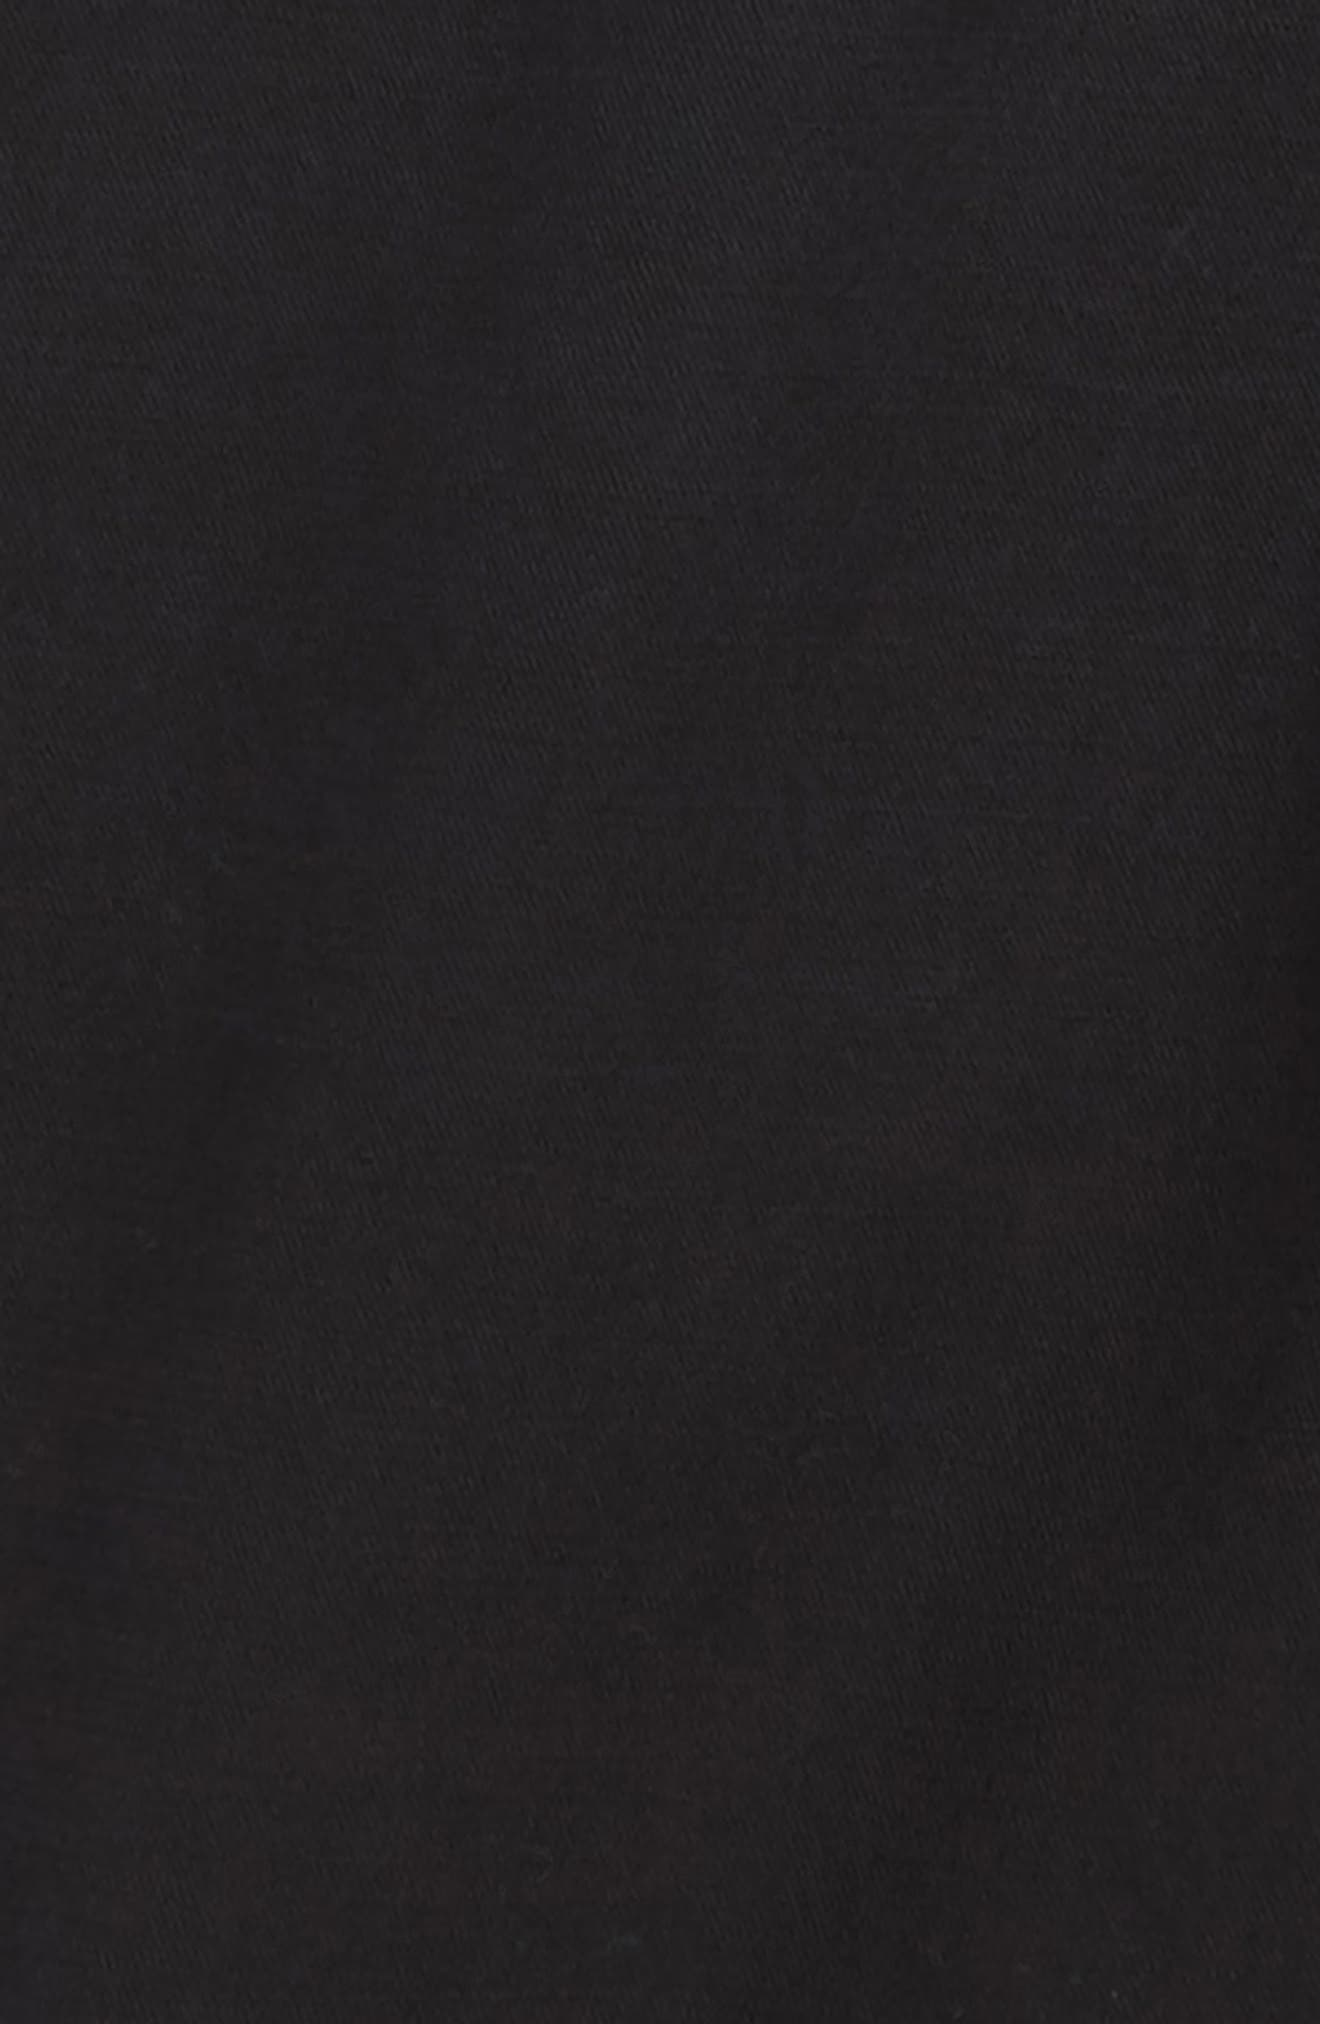 Jay Chino Shorts,                             Alternate thumbnail 2, color,                             Black